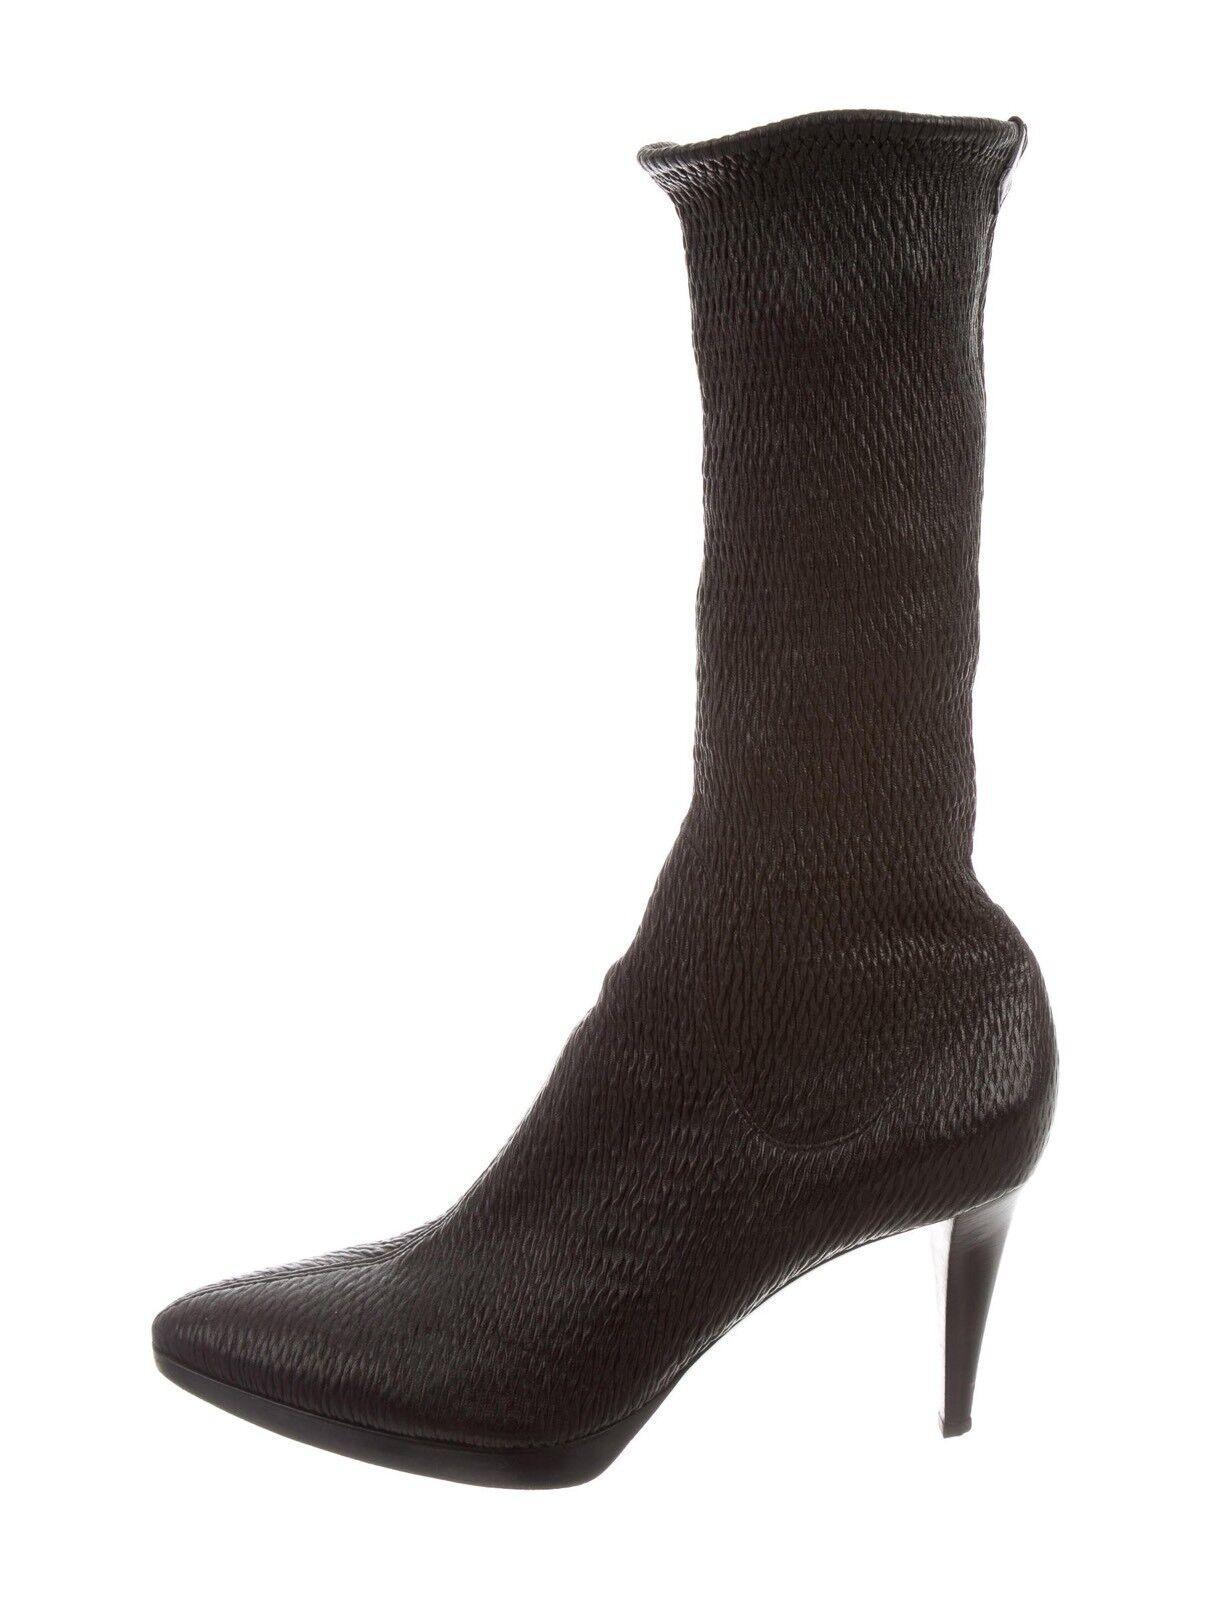 830 Sergio Rossi textura textura textura de cuero Calcetín botas 41  bajo precio